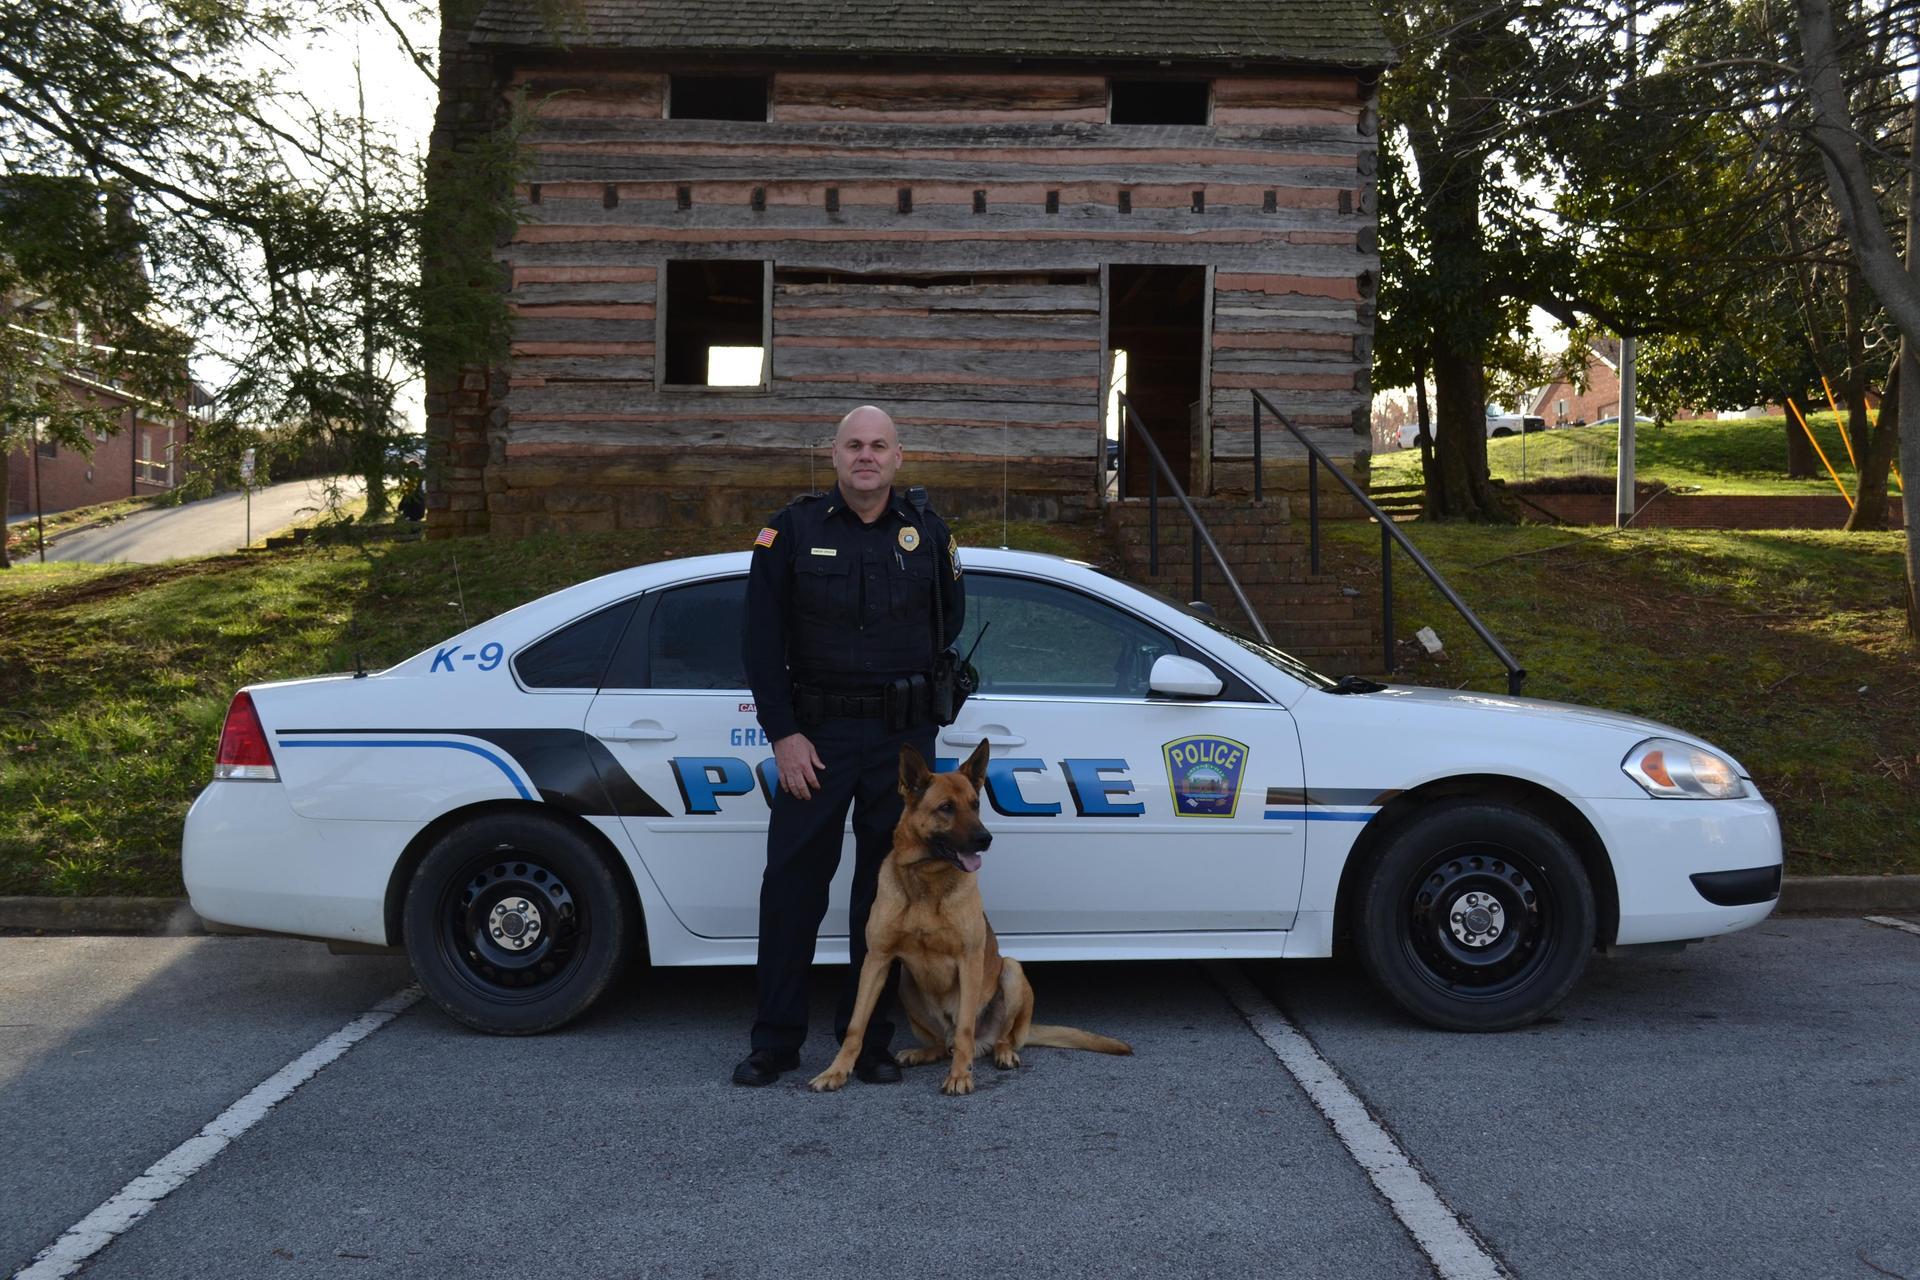 Officer C Spradlin and Kajo